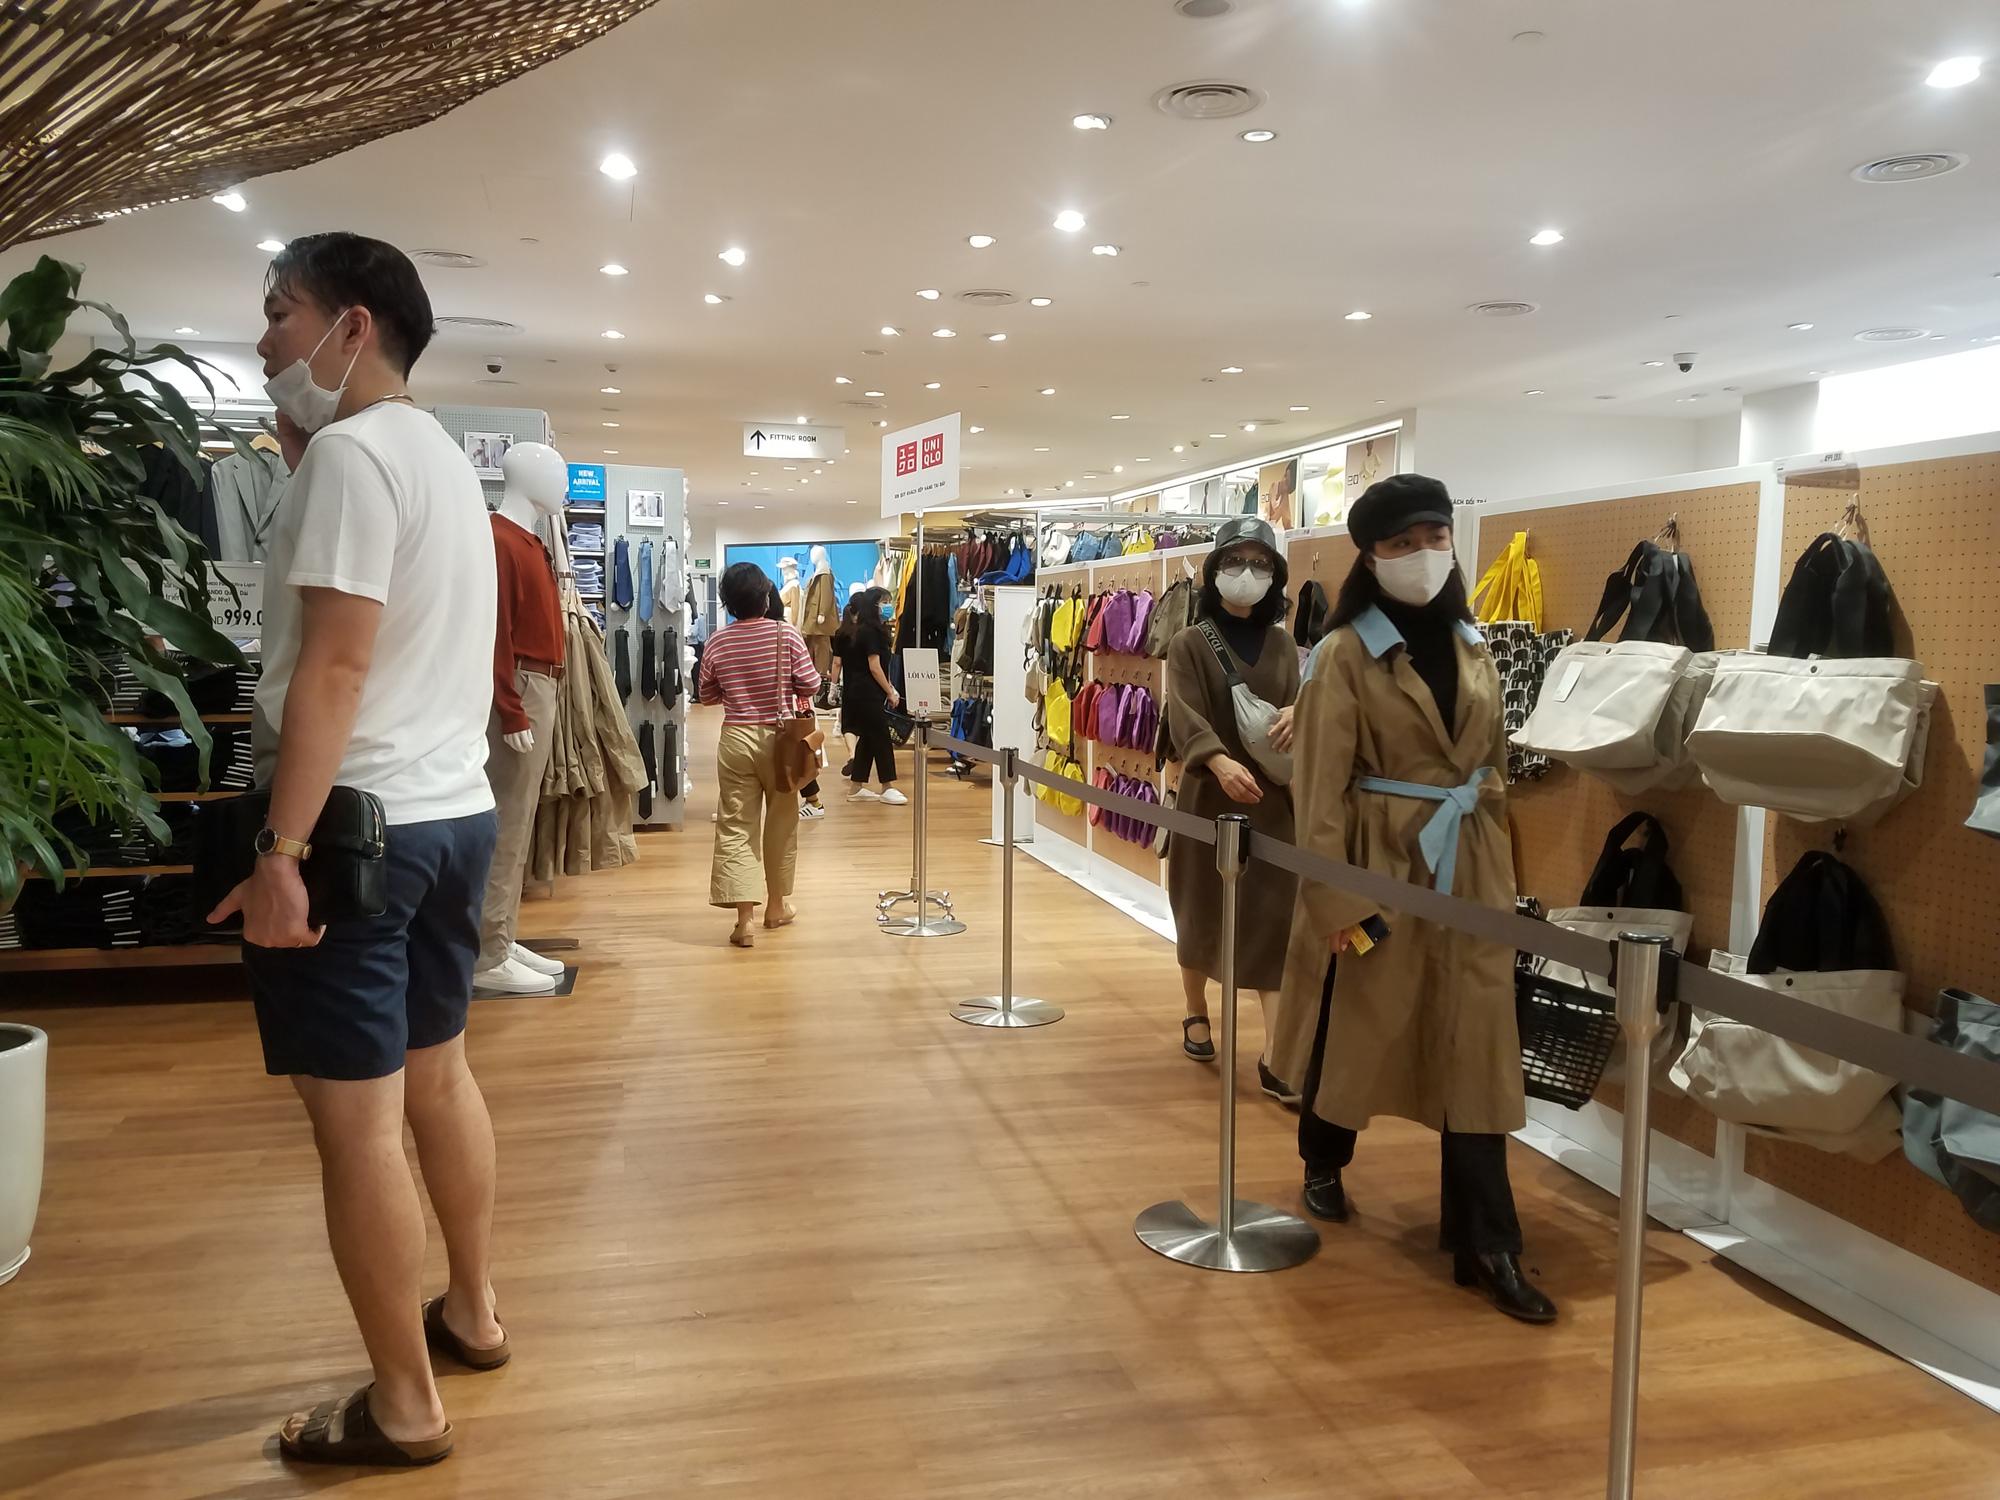 Uniqlo Hà Nội sau 1 tuần khai trương, khách hàng vẫn tới trải nghiệm mua sắm dù đang có dịch bệnh - Ảnh 8.